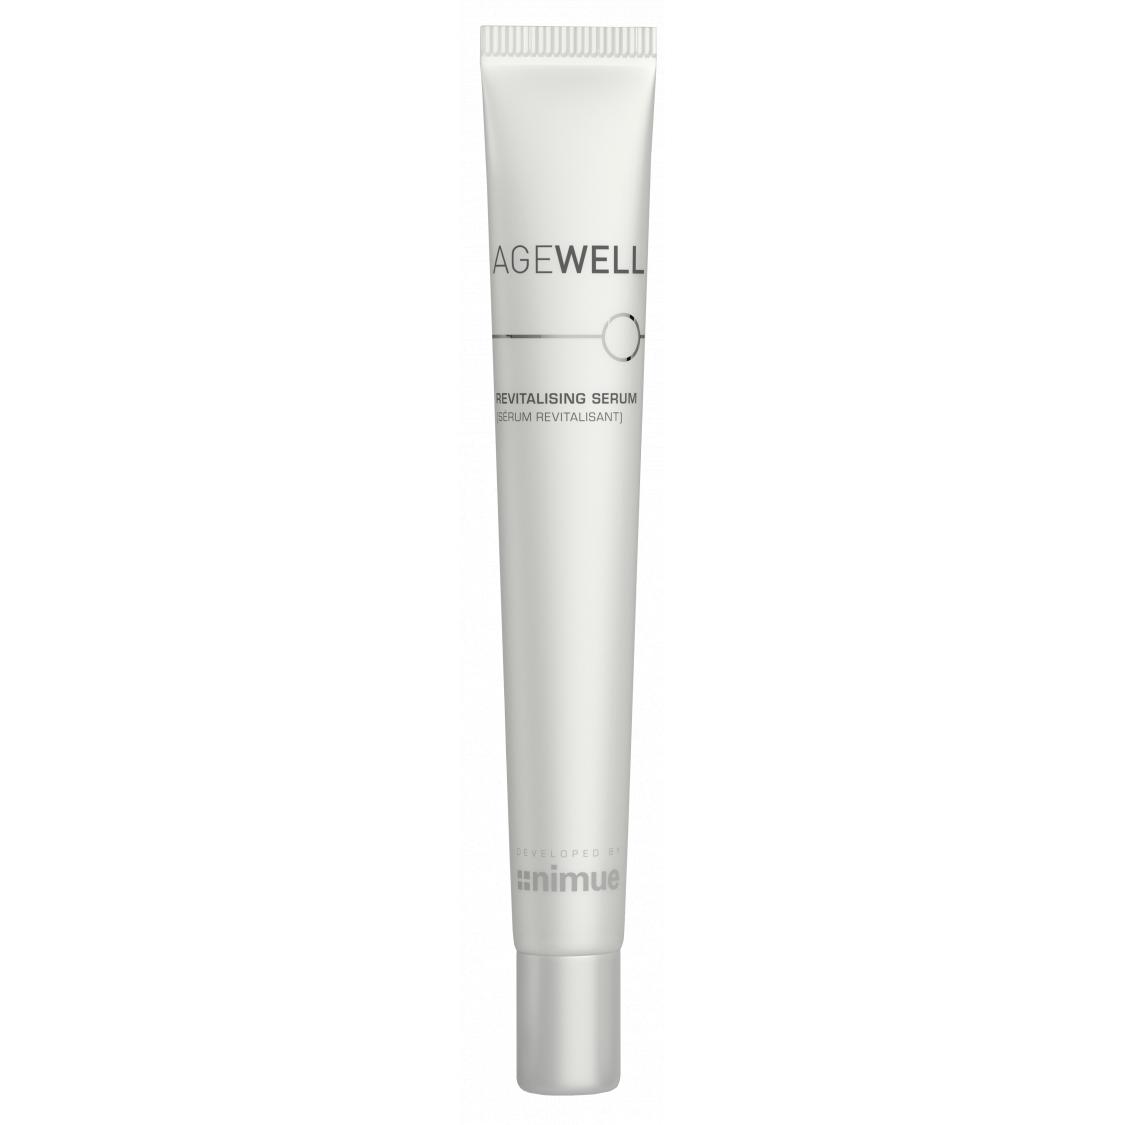 Agewell - Revitalising Serum 30ml